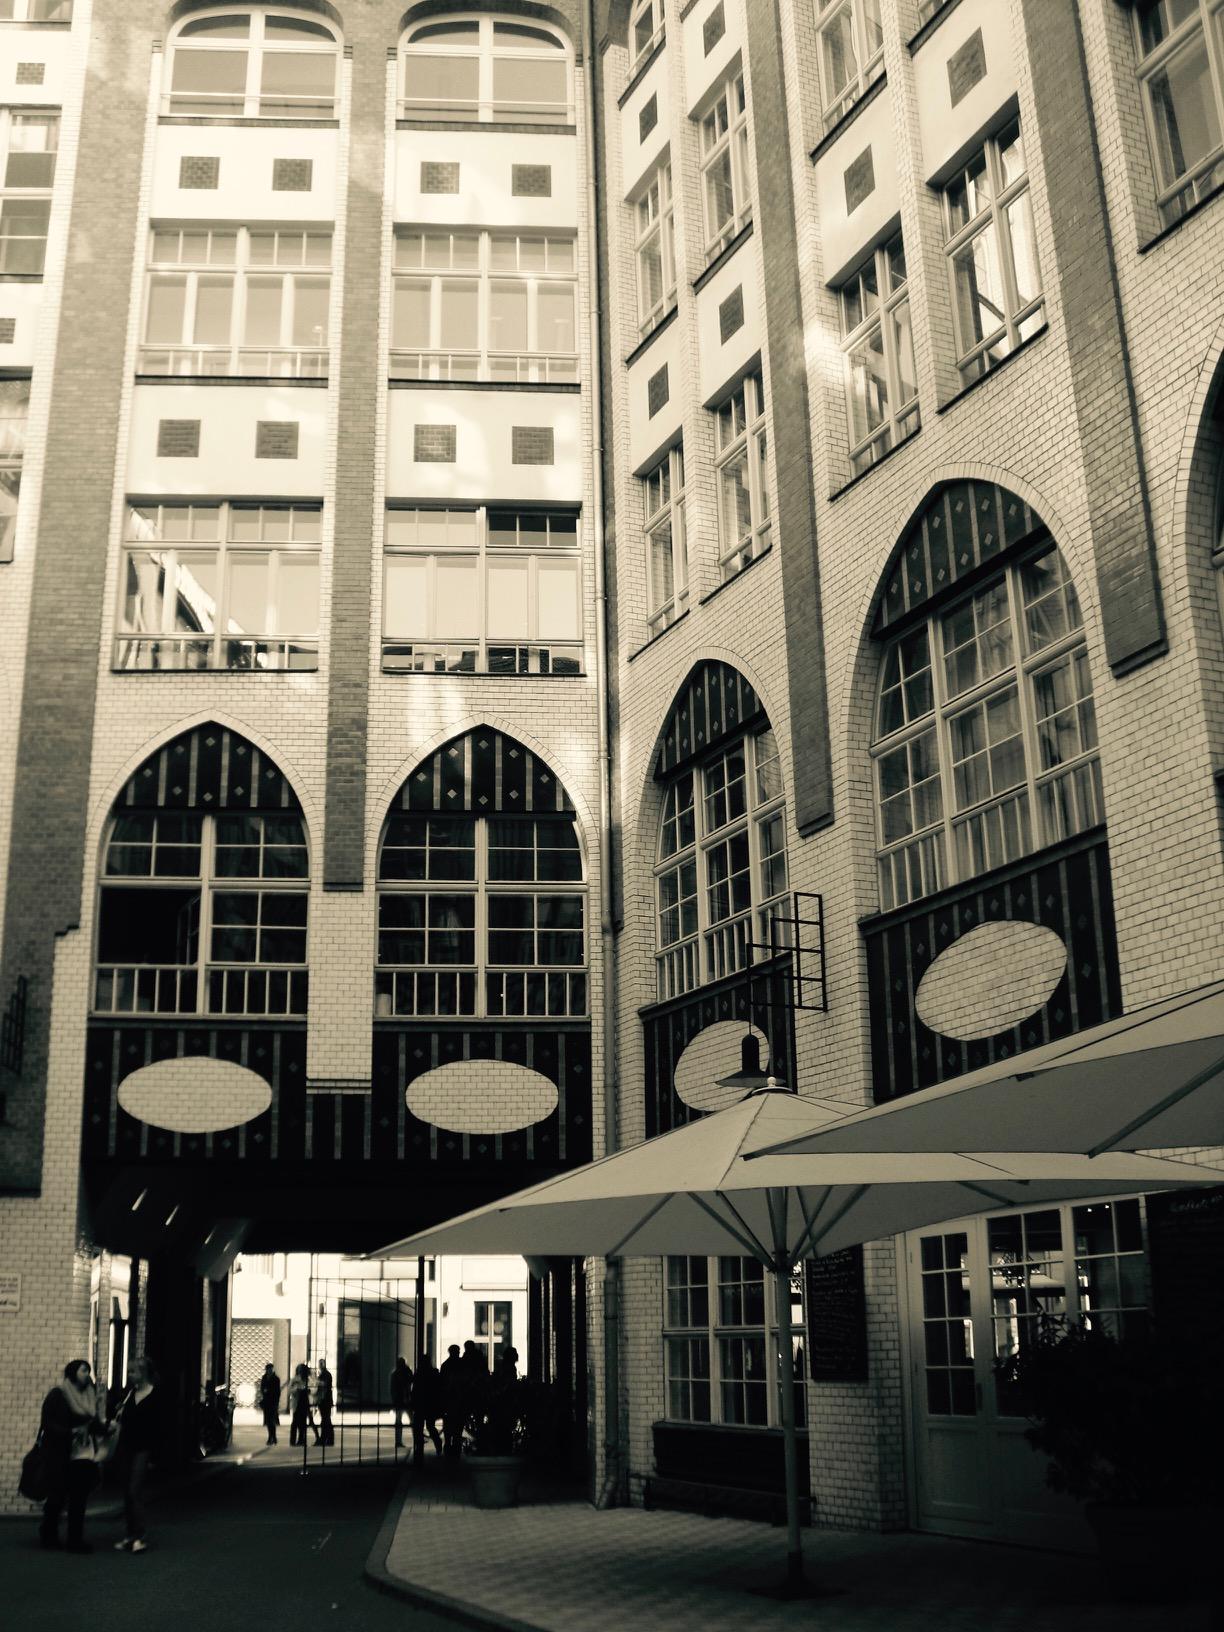 Blick in die Hackeschen Höfe, Berlin